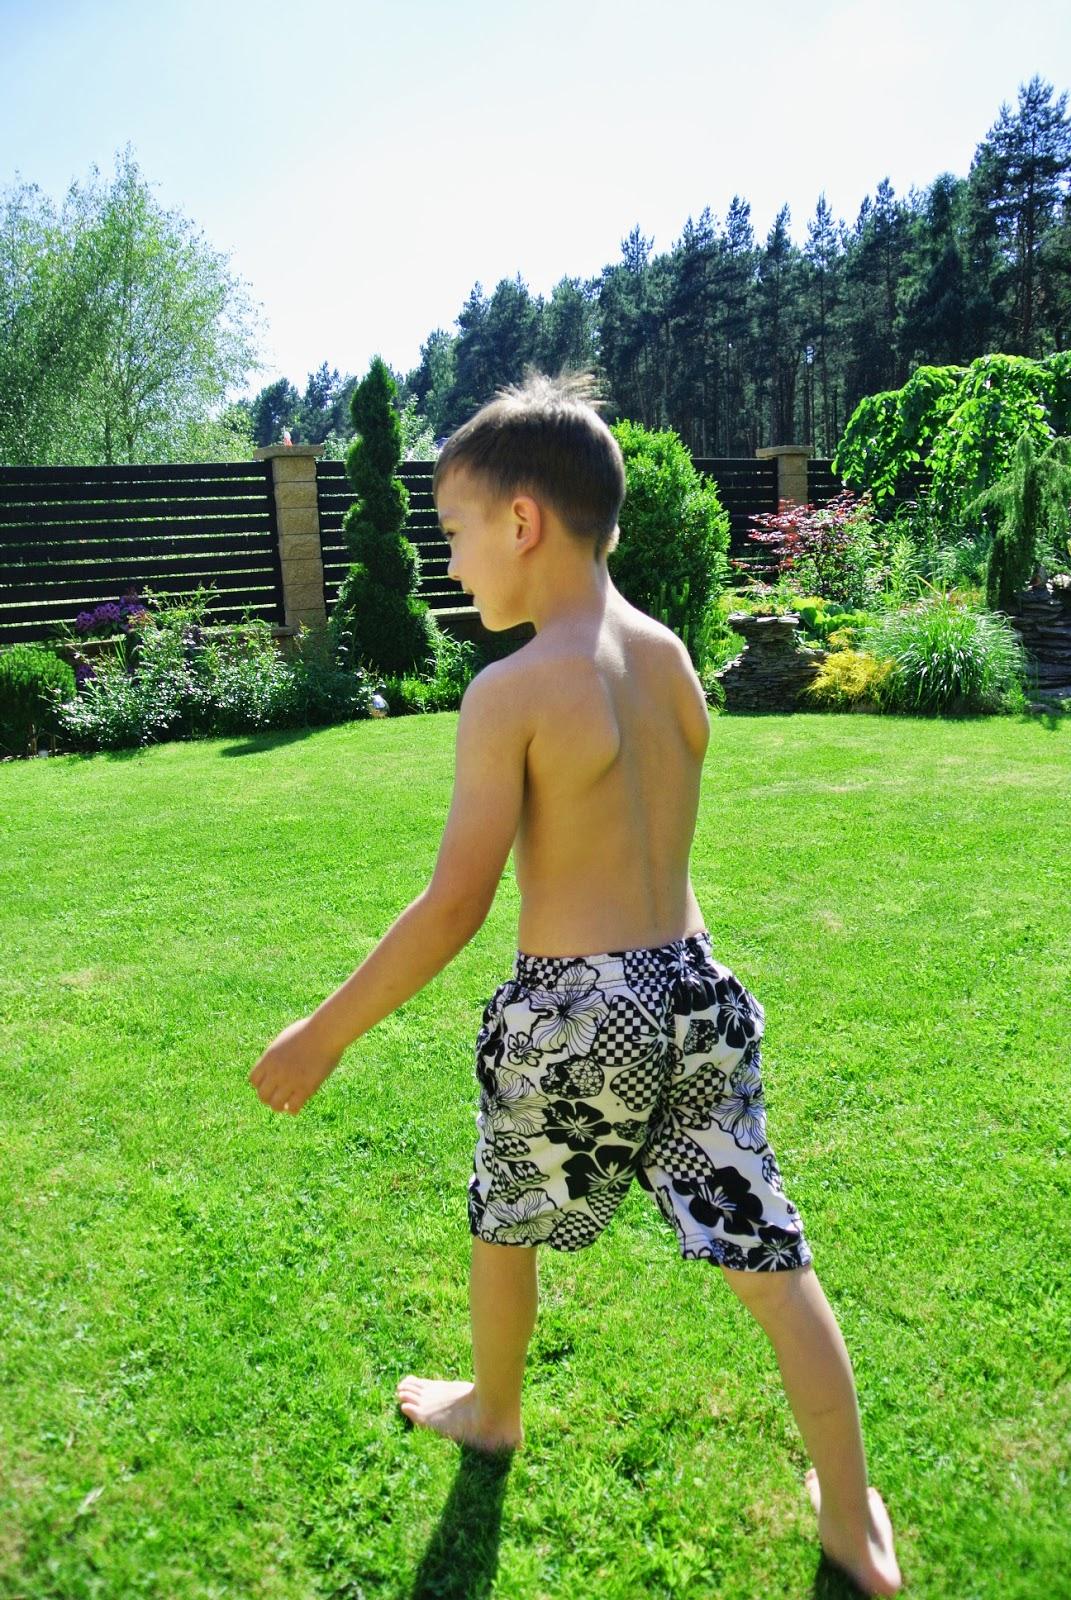 soczysta trawa,dzieci w ogrodzie,skakanie po trawie,spirala z tuji,spirale w ogrodzie,bukszpan,geometryczny ogród